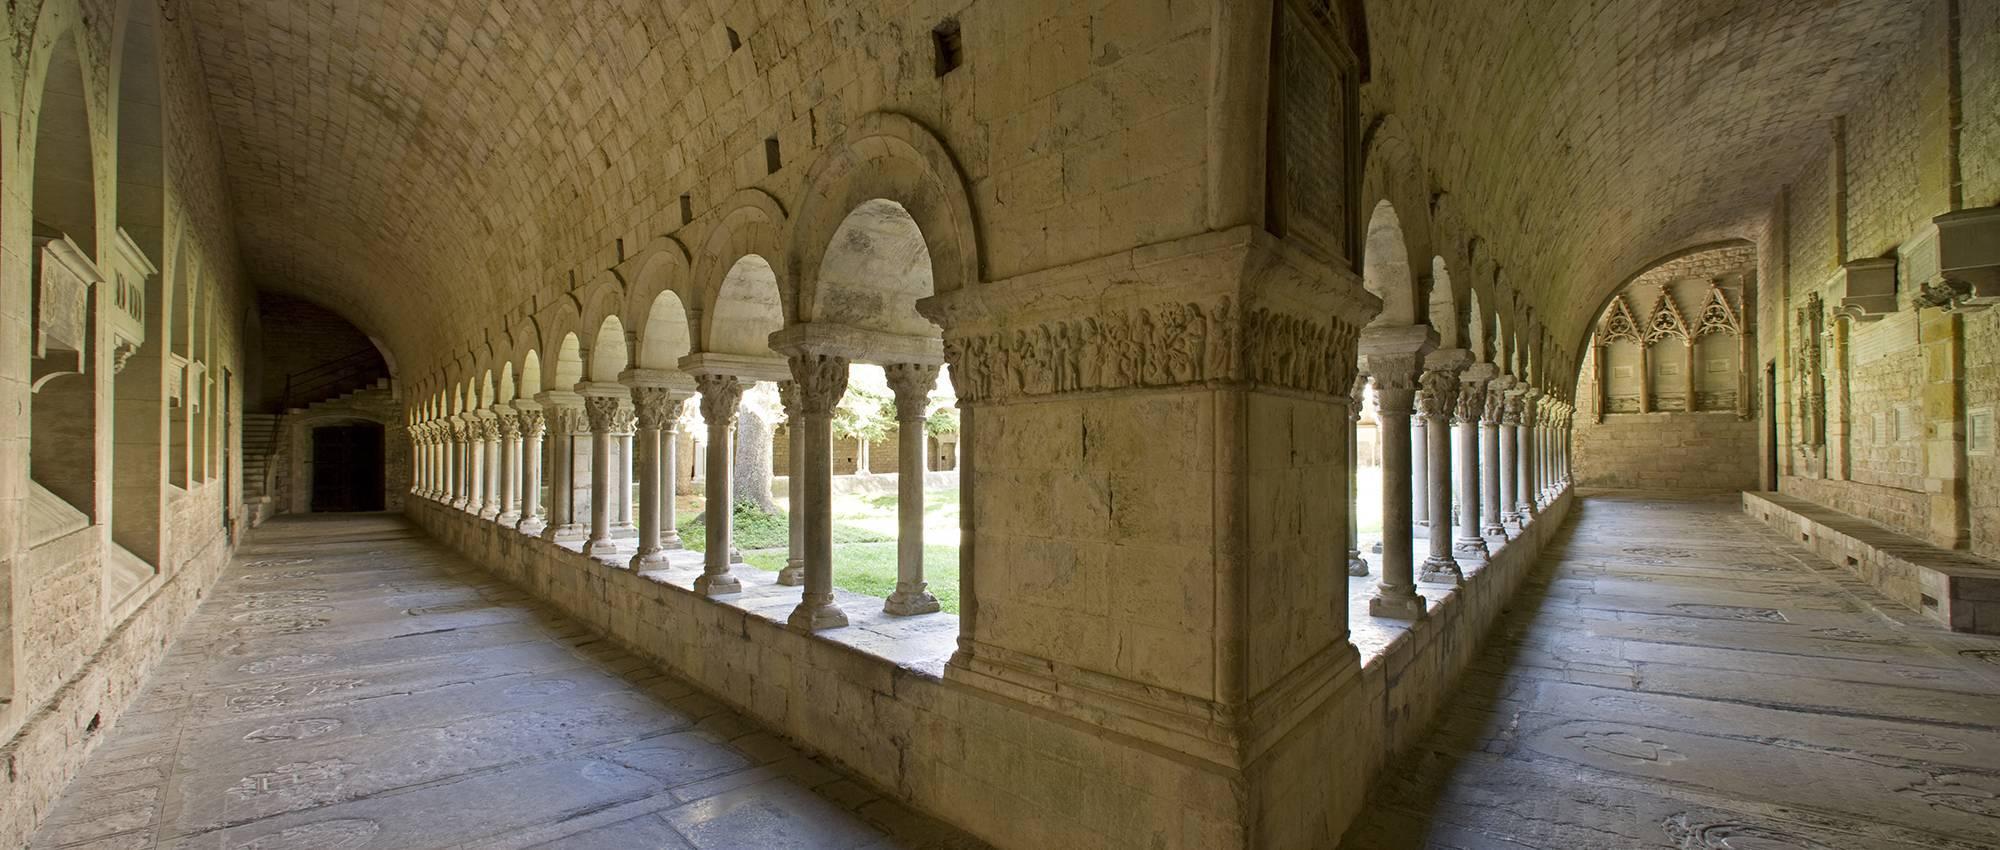 Baños Romanos Girona:Claustro de la Catedral de Santa Maria Bob Masters / Departament de